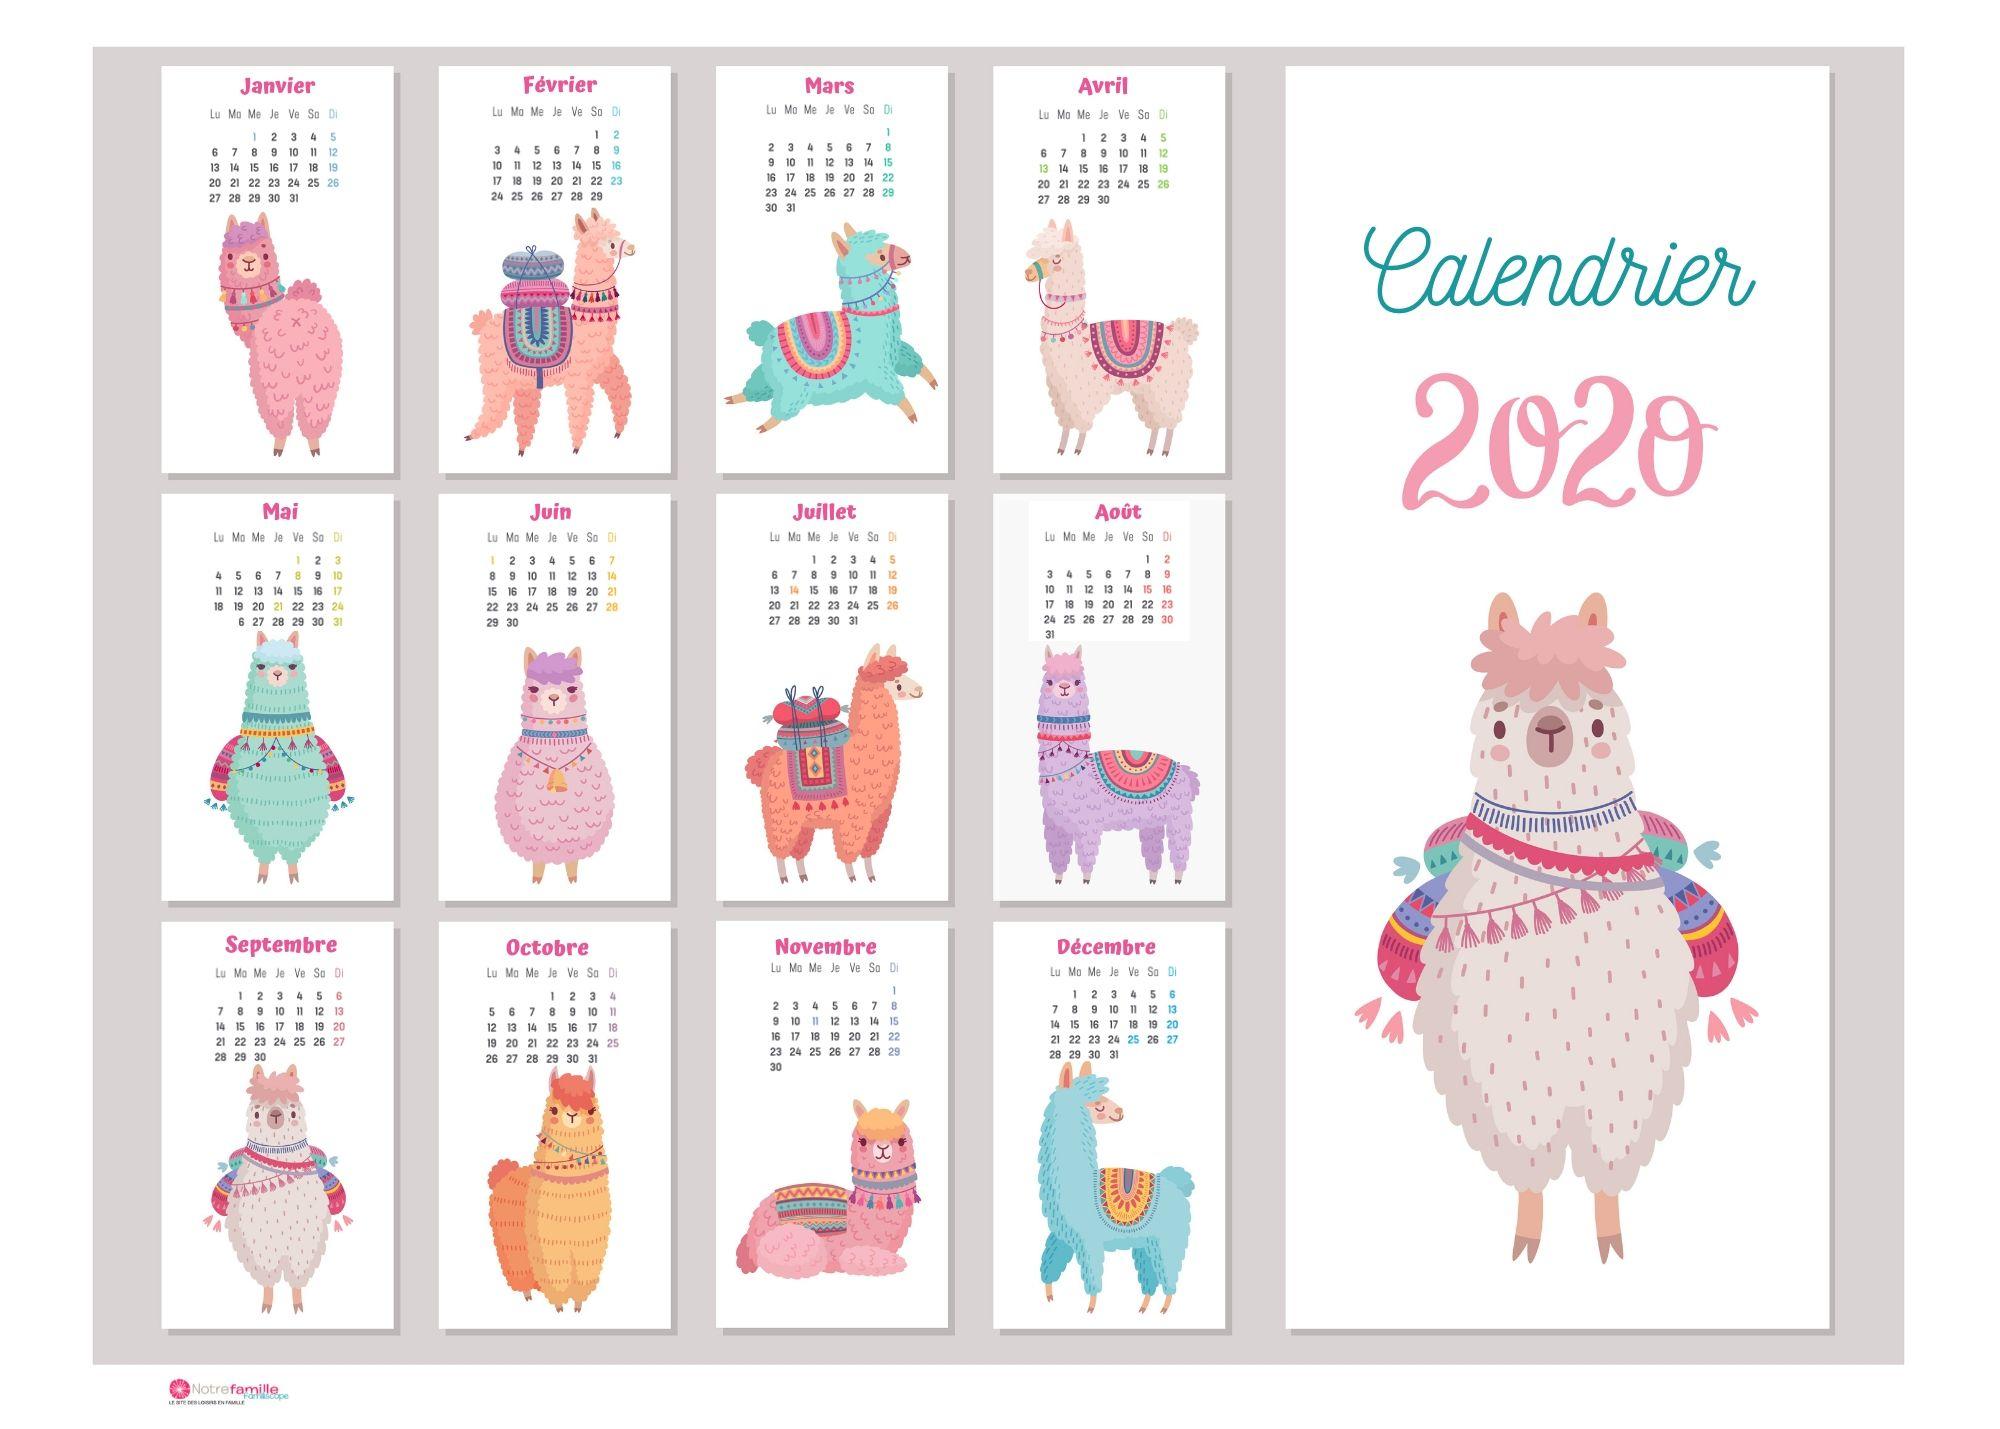 Calendriers 2020 À Imprimer Pour Les Enfants pour Jeux À Imprimer 3 Ans